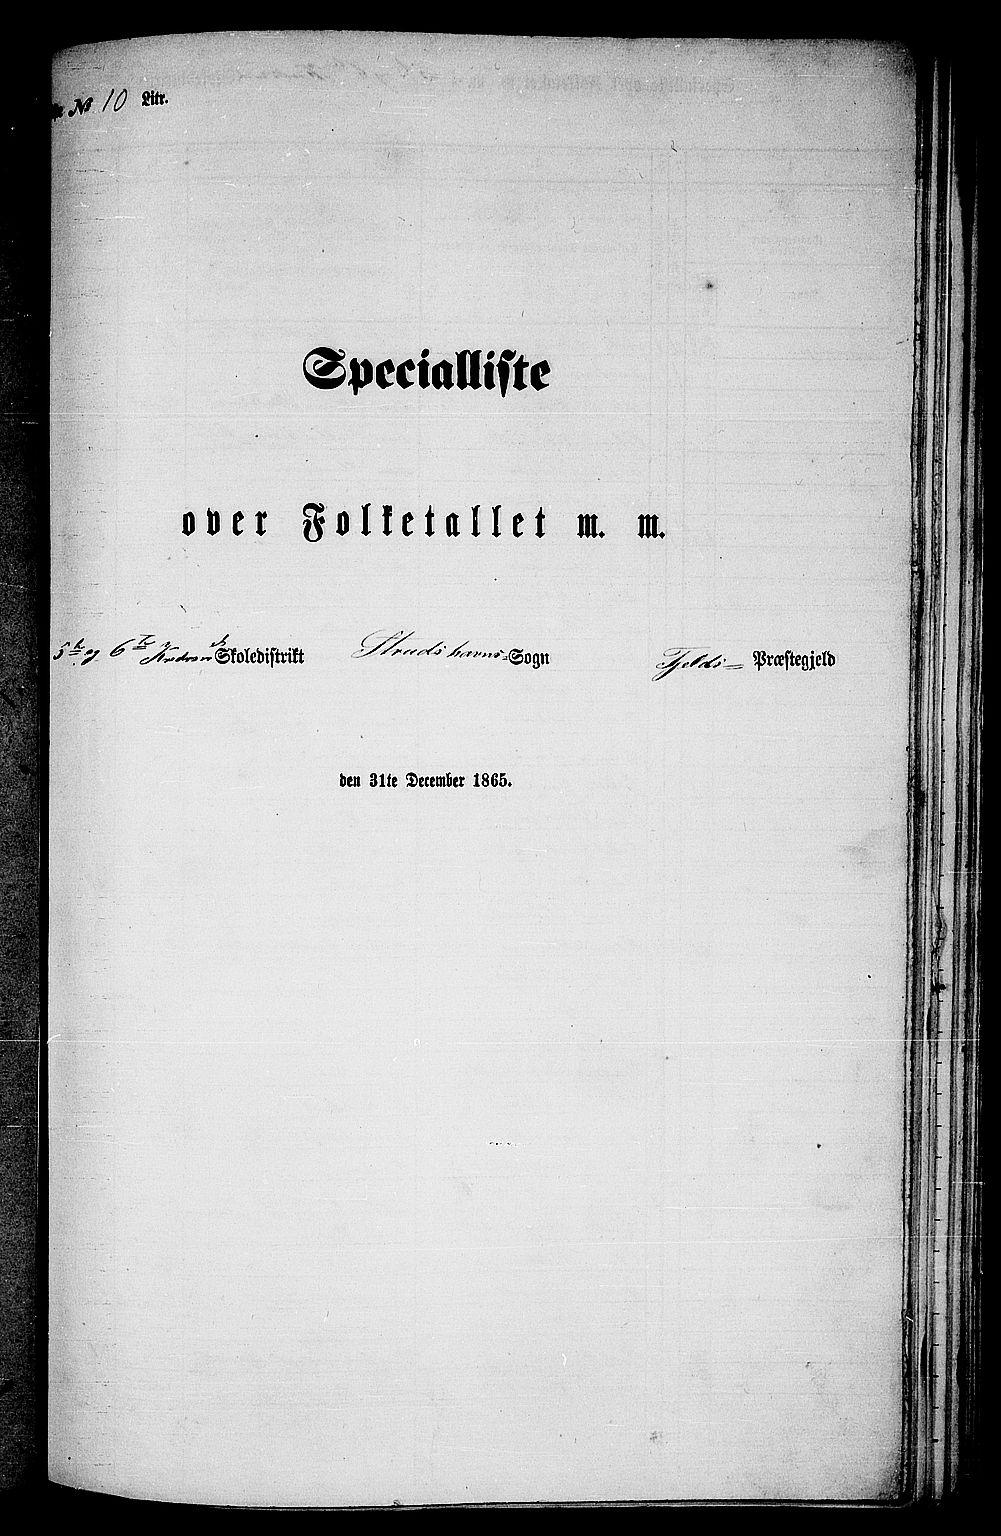 RA, Folketelling 1865 for 1246P Fjell prestegjeld, 1865, s. 160